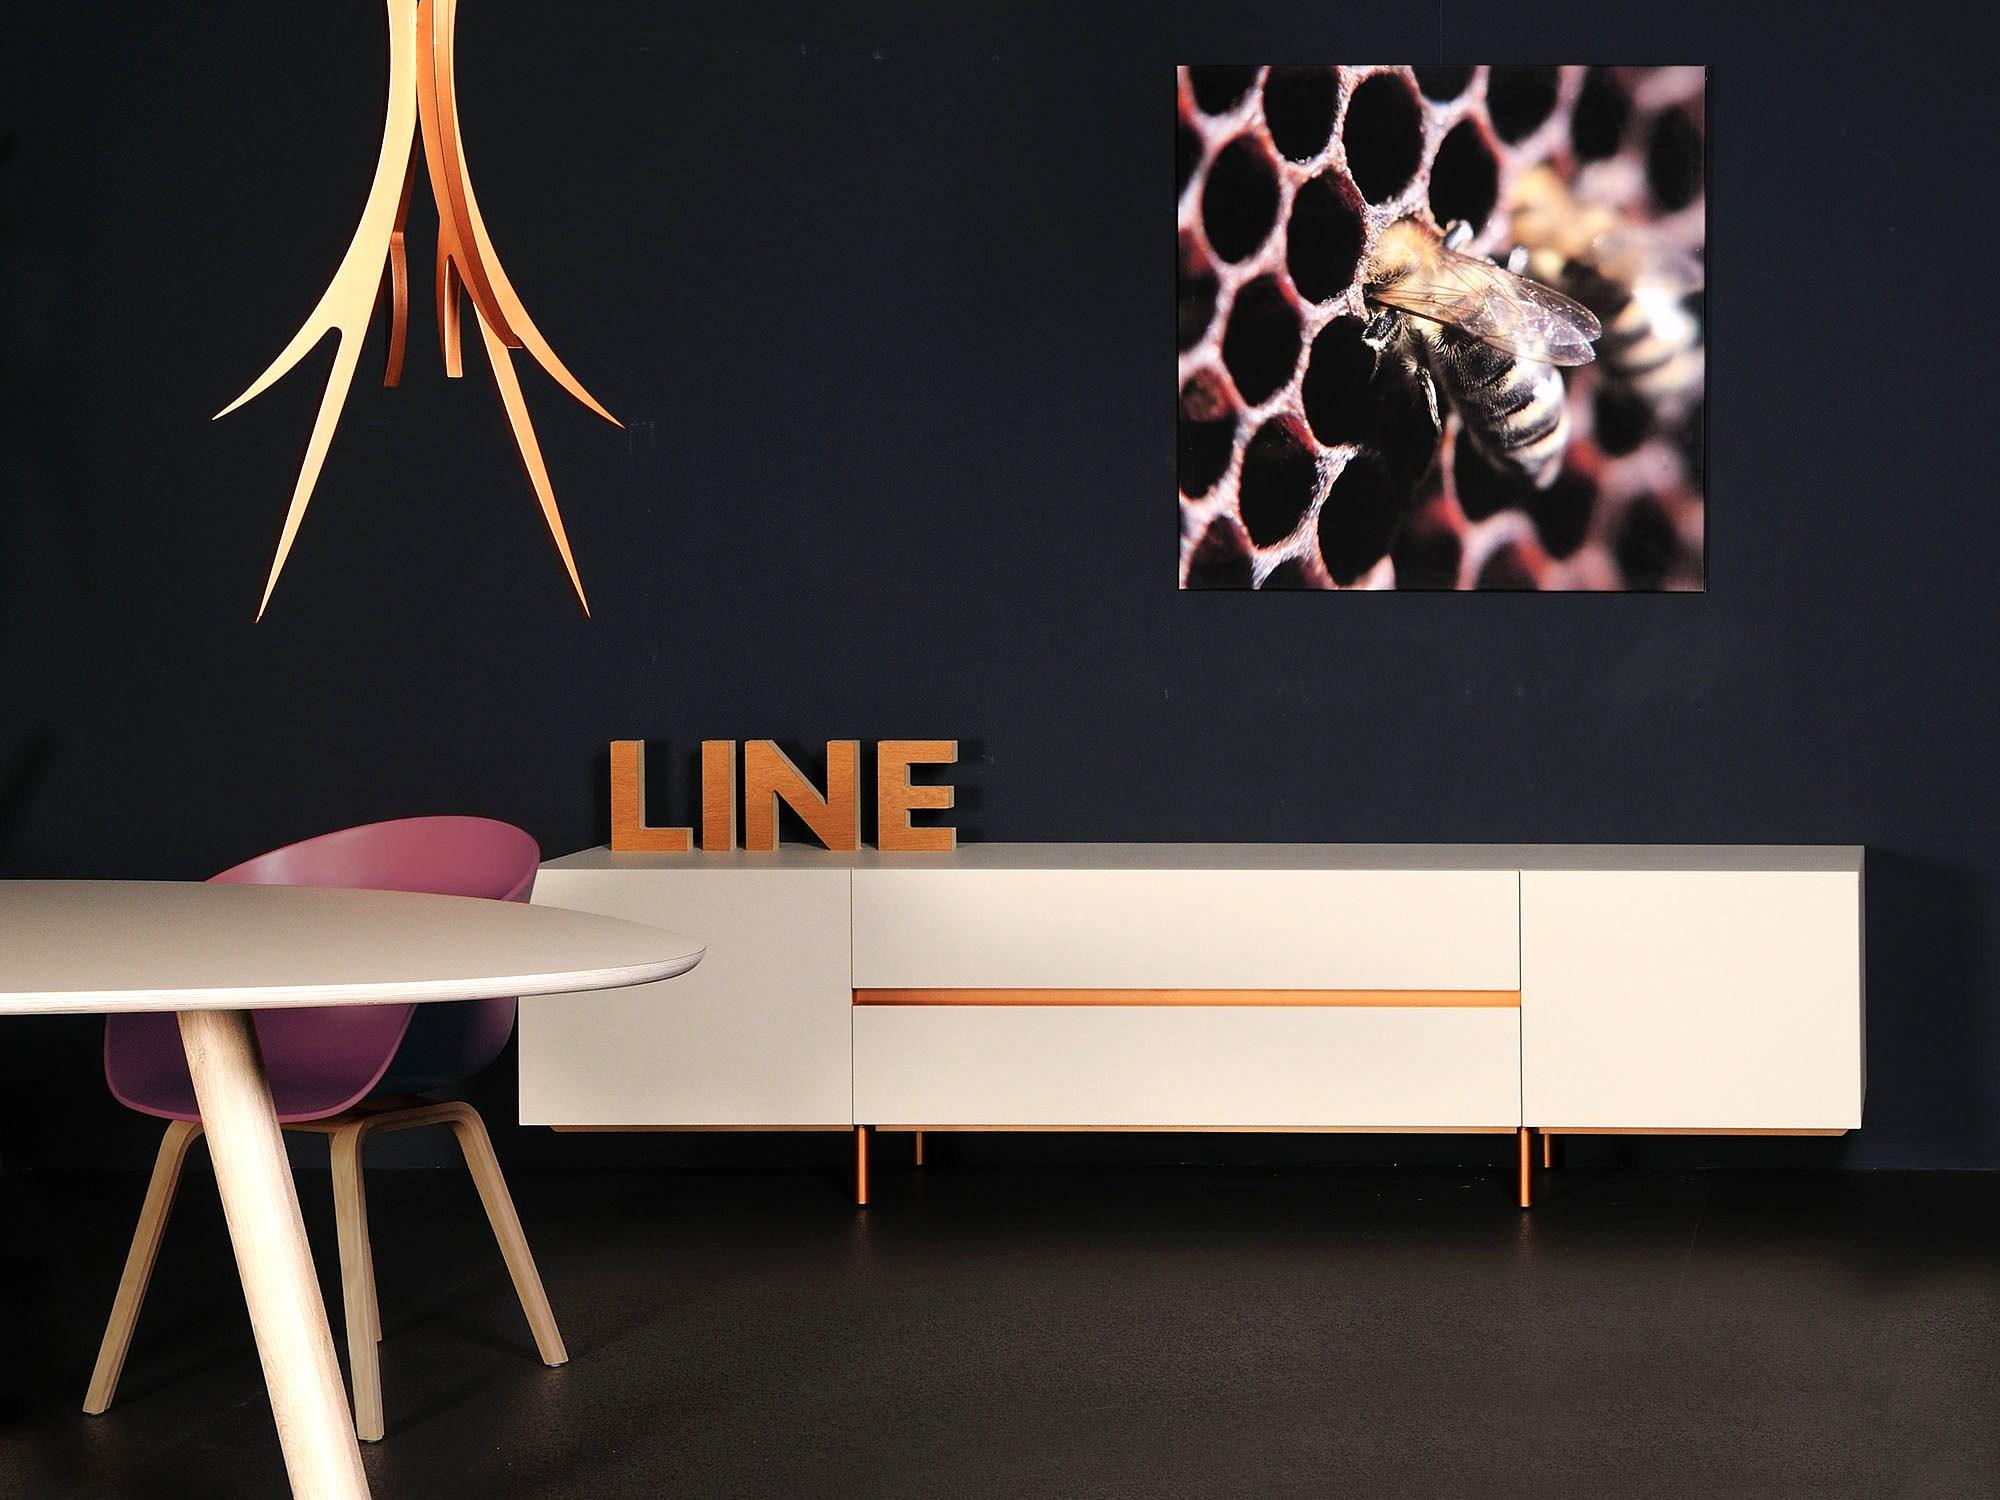 LINE-LC, ontwerp door Dick spierenburg